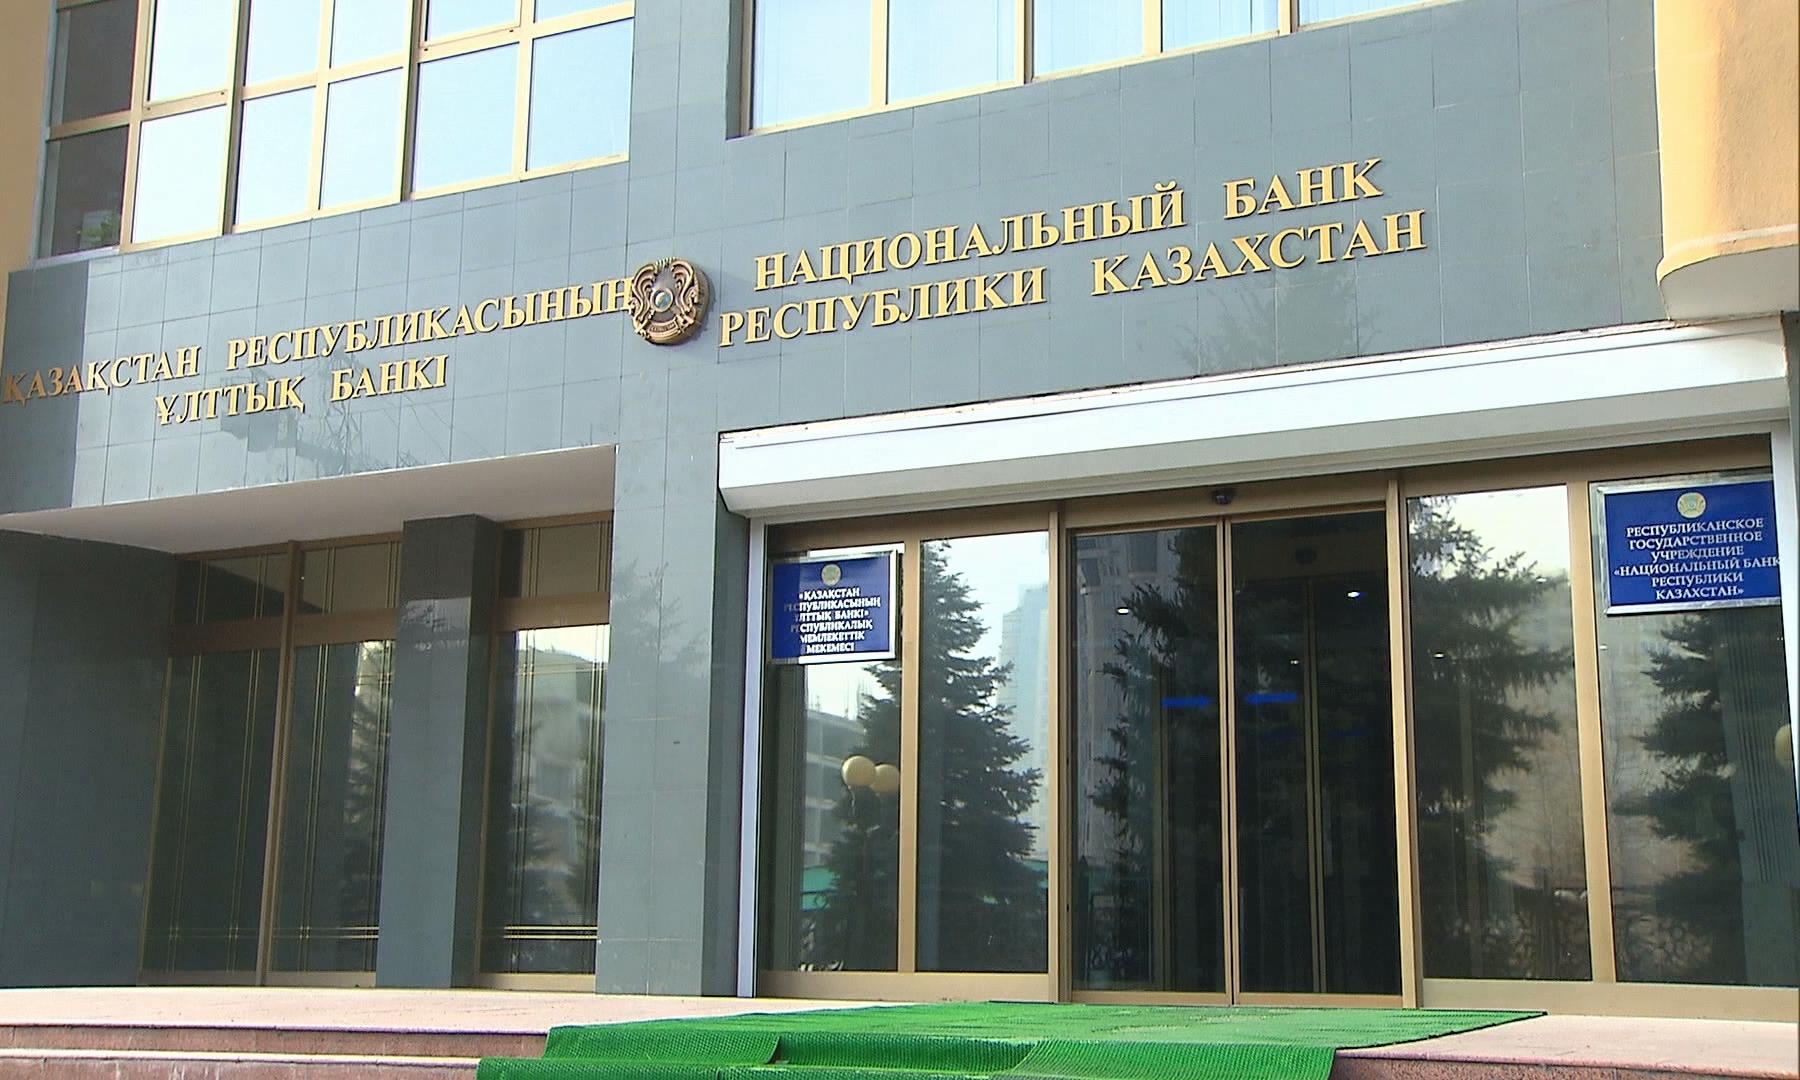 Нацбанк РК отозвал лицензию у Эксимбанка